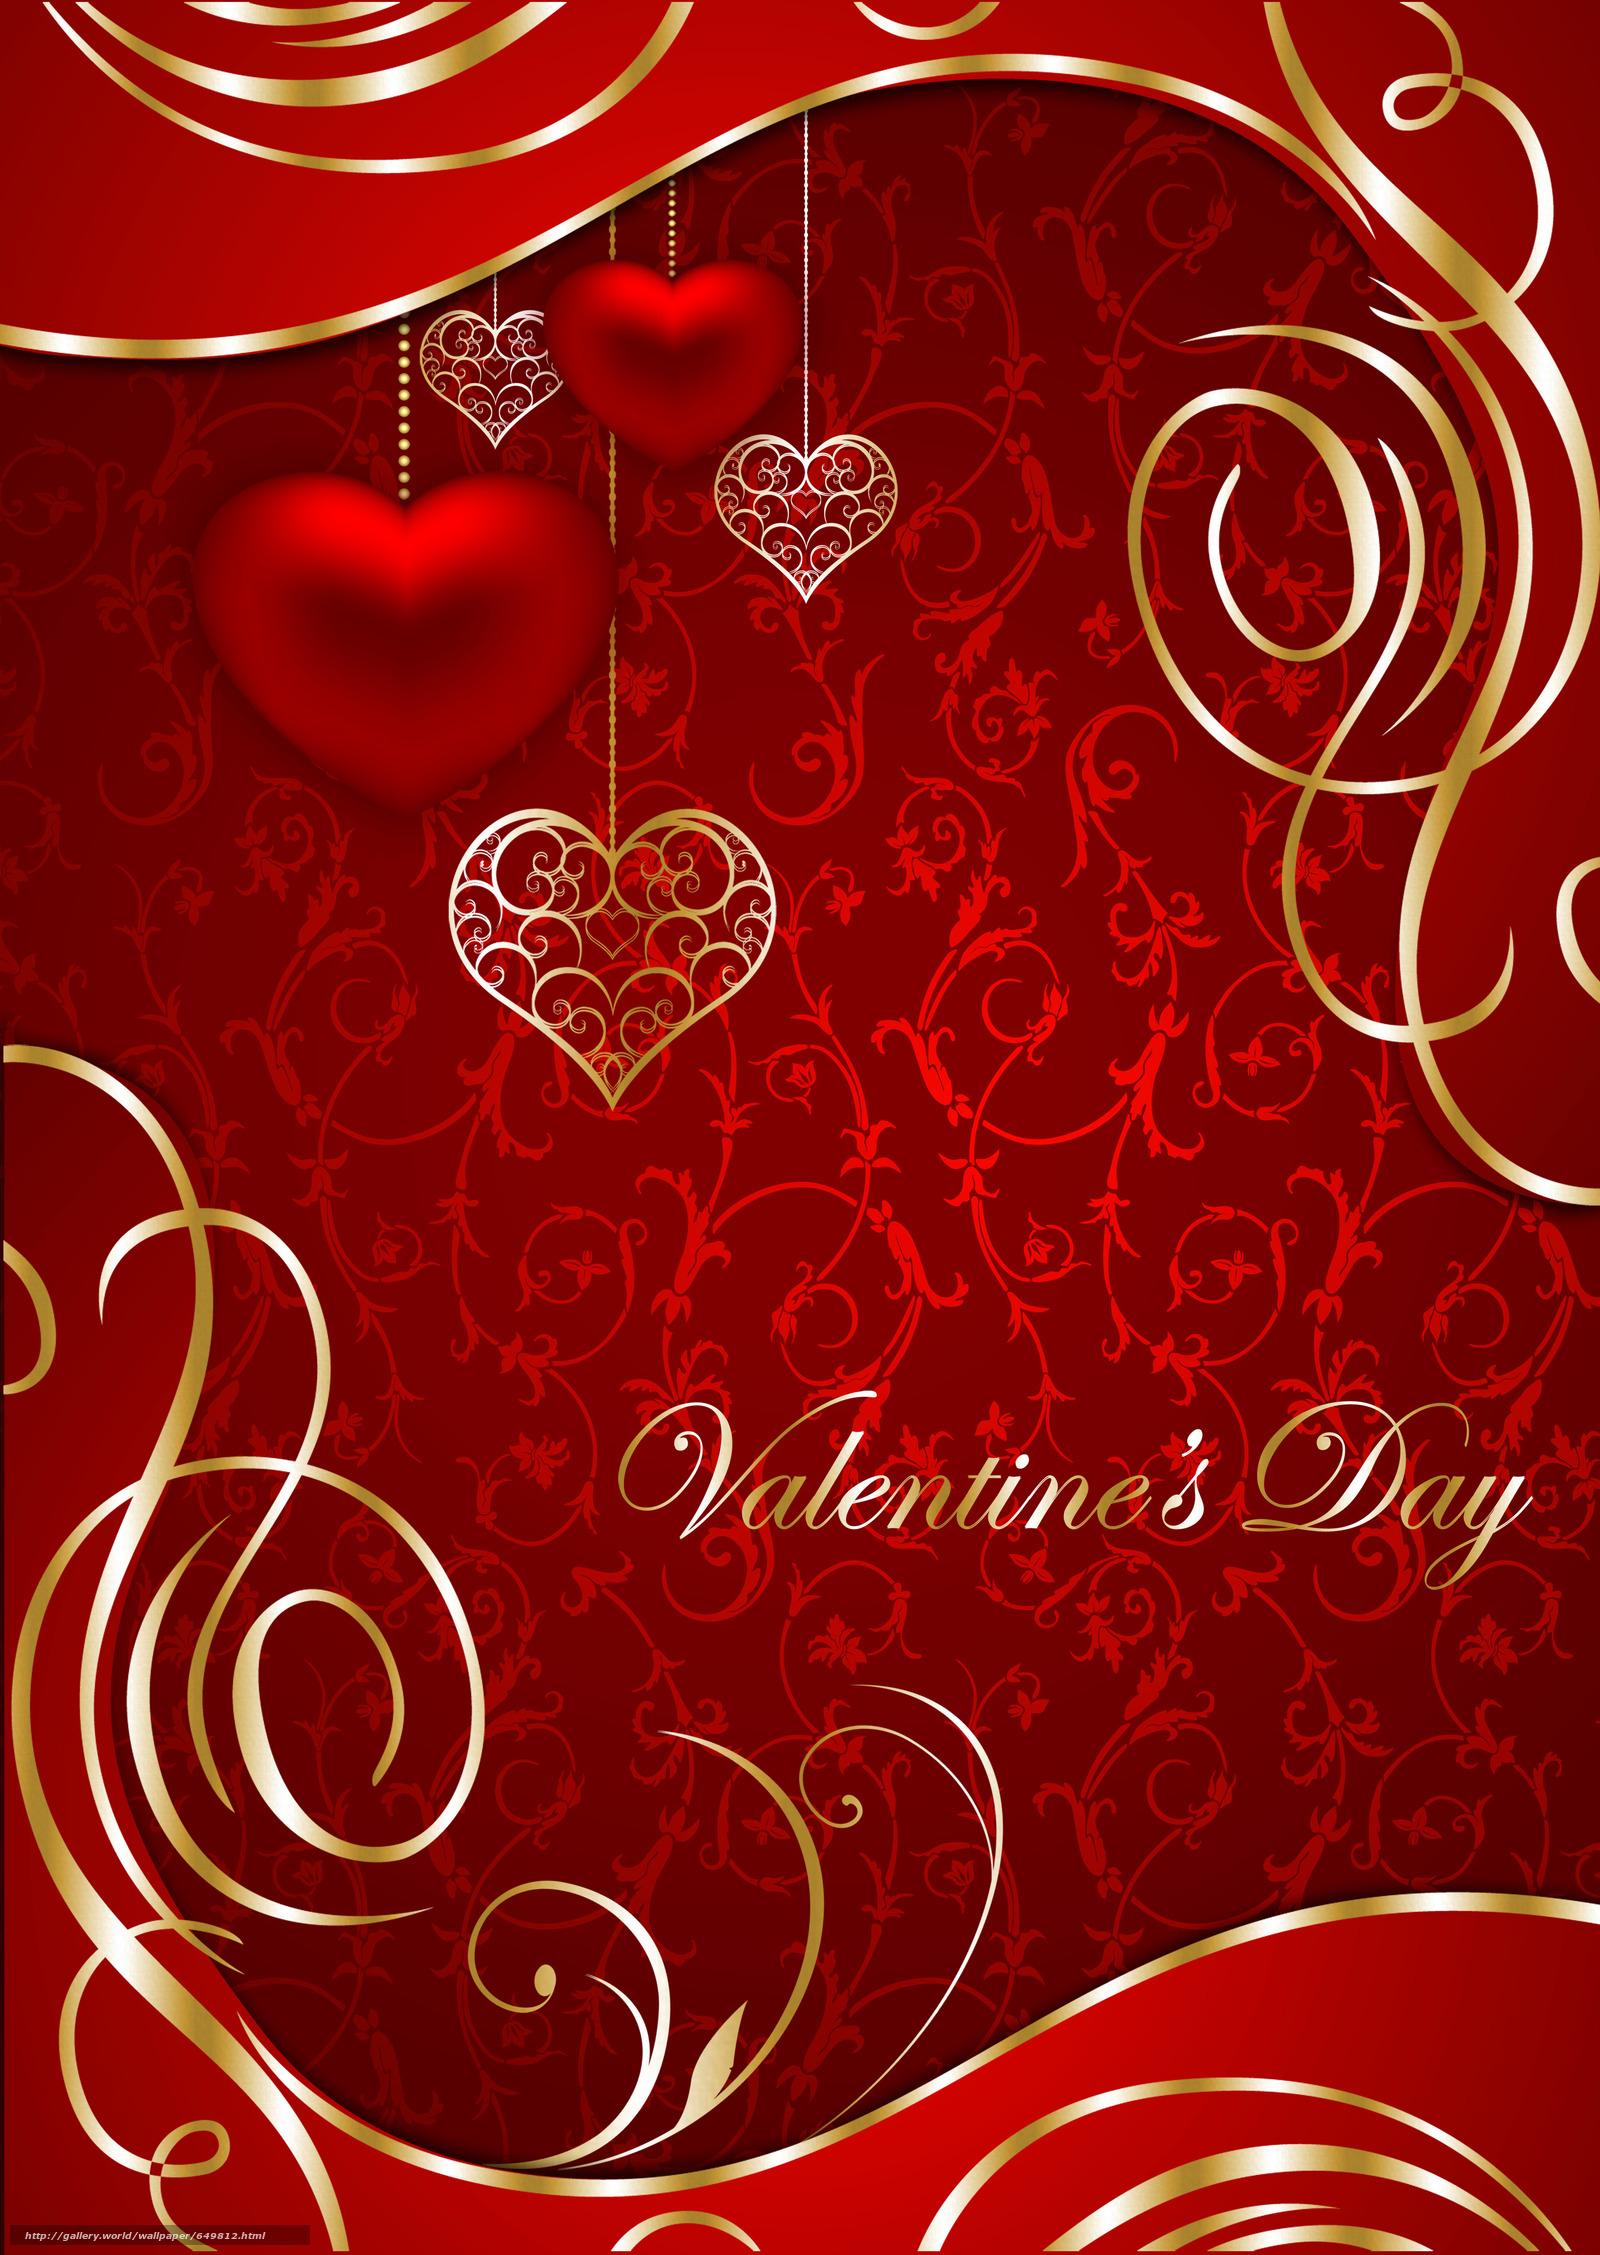 Скачать обои Валентинки,  Валентинка,  День святого Валентина,  день влюблённых бесплатно для рабочего стола в разрешении 4258x6000 — картинка №649812